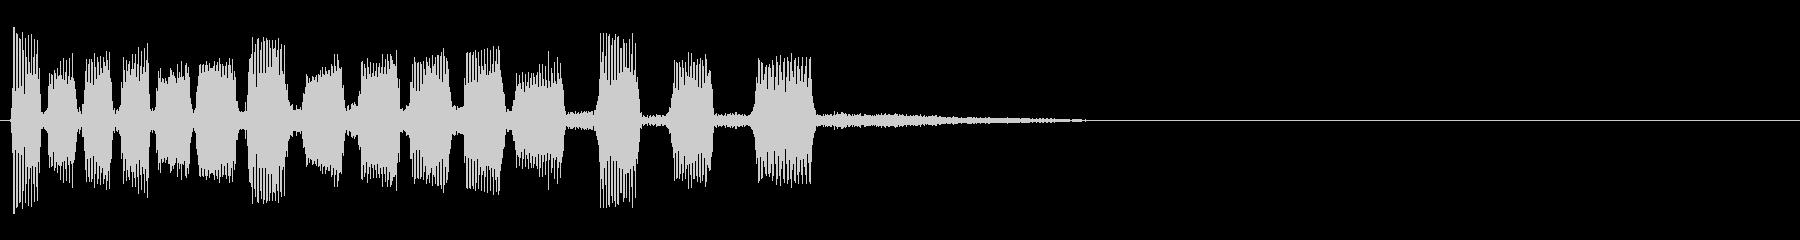 ビープシェイクの未再生の波形